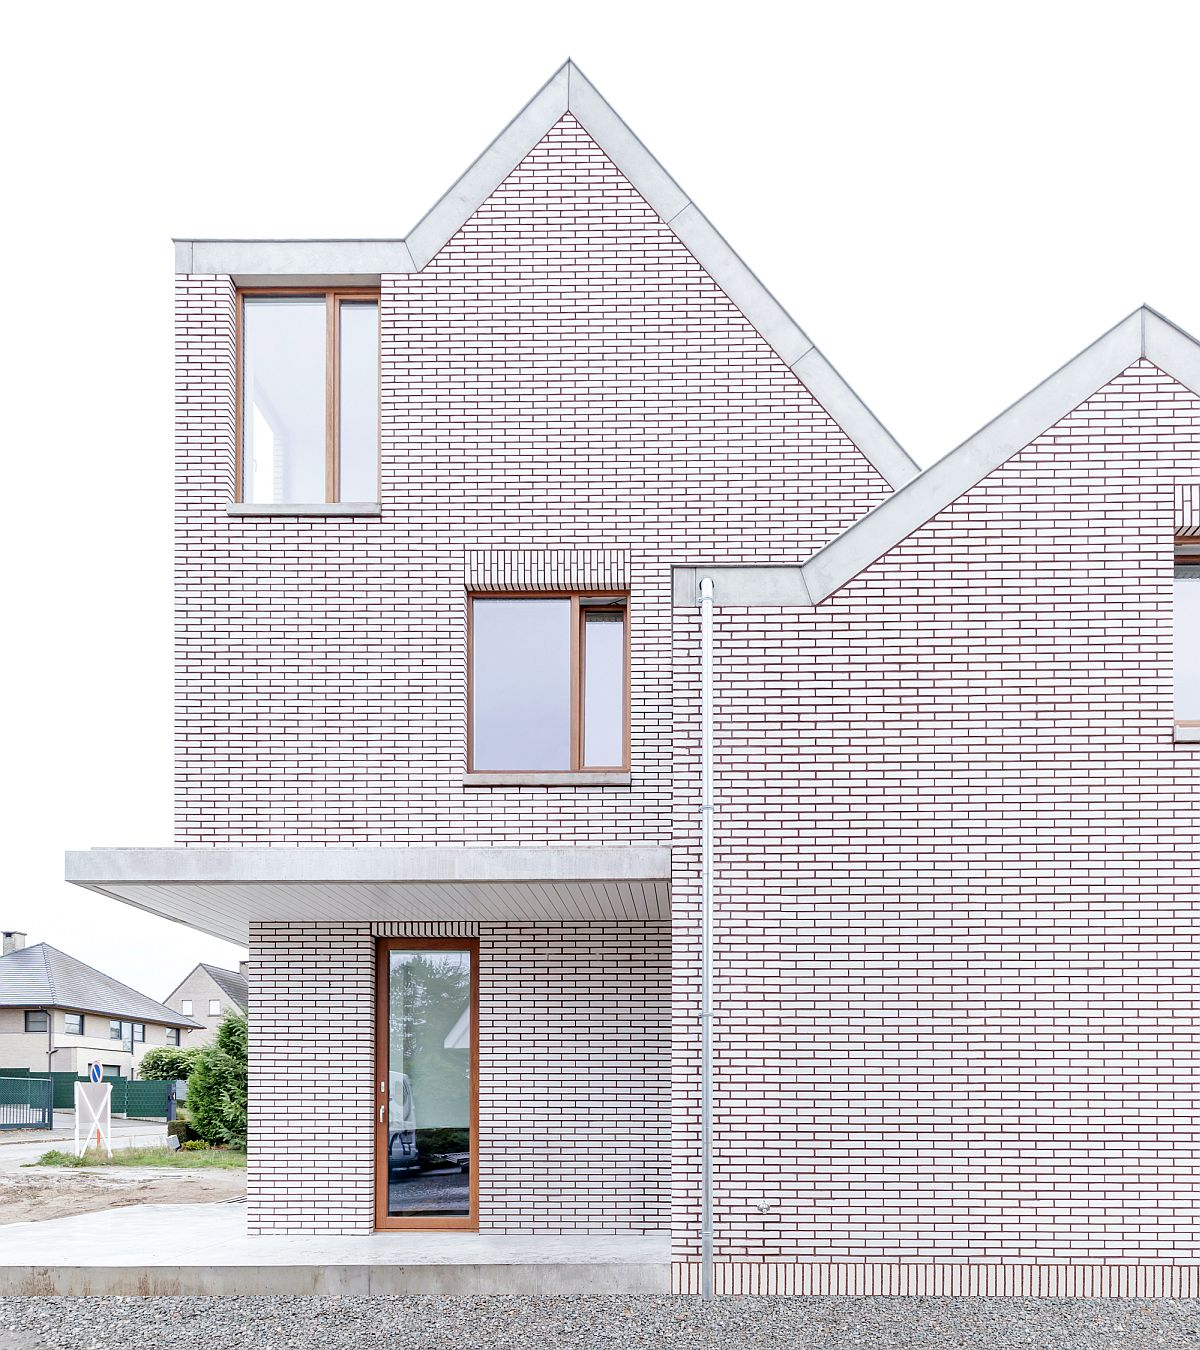 Ngôi nhà với vẻ đẹp bí ẩn khiến ai đi qua cũng tò mò vì ốp toàn bộ ngoại thất bằng gạch trắng kẻ đỏ - Ảnh 2.